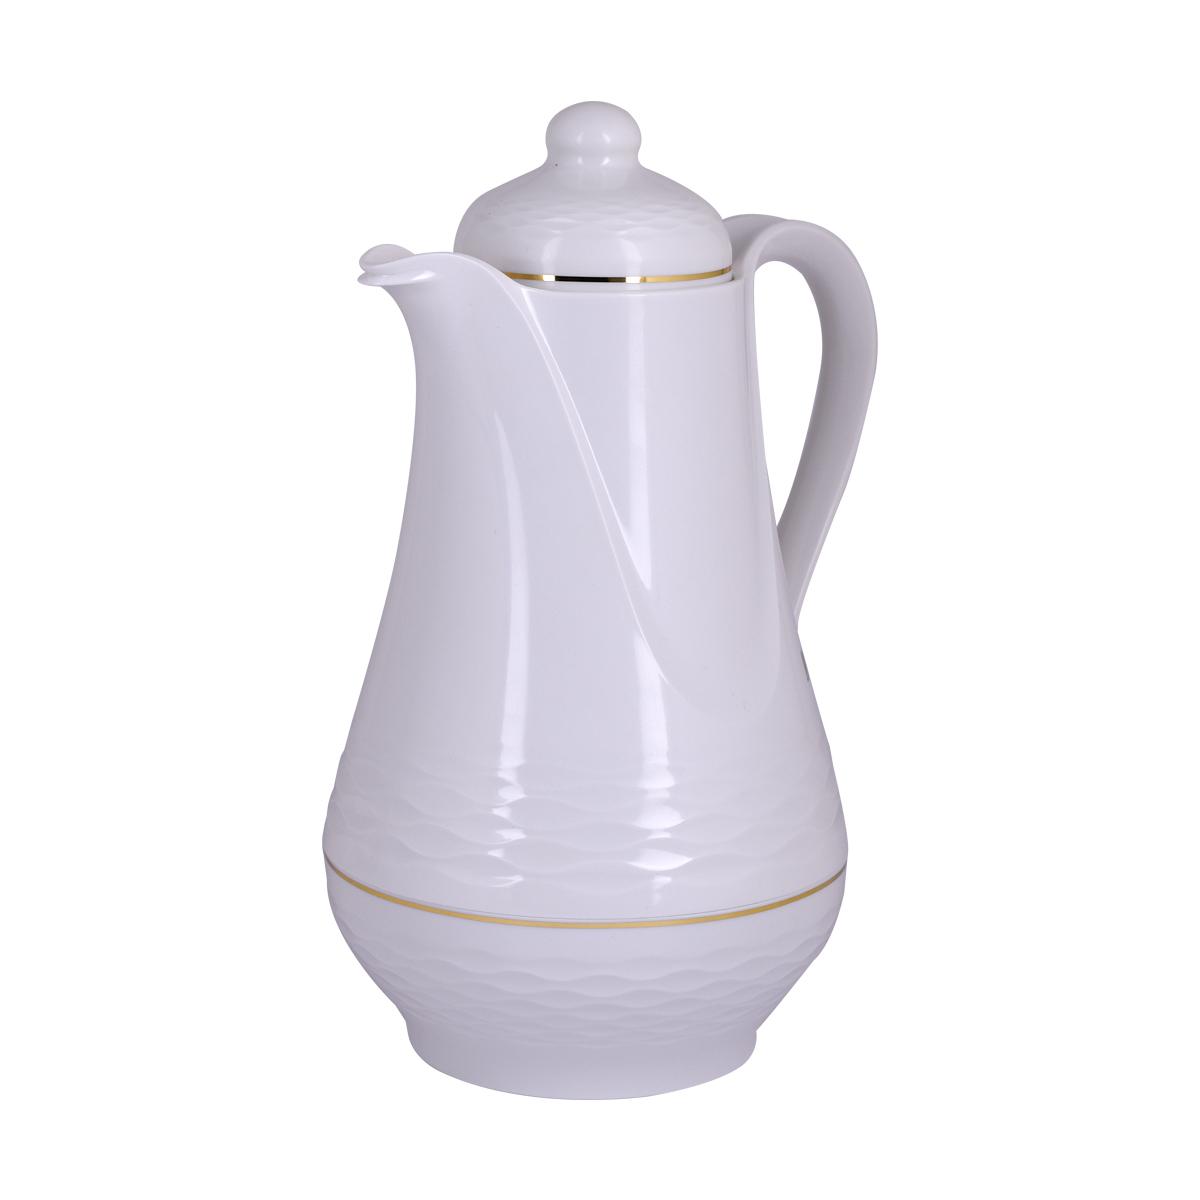 ترمس شاي وقهوة مور تايم - بلاستيك - 1.5لتر رقم MY-30034 - لون بيج